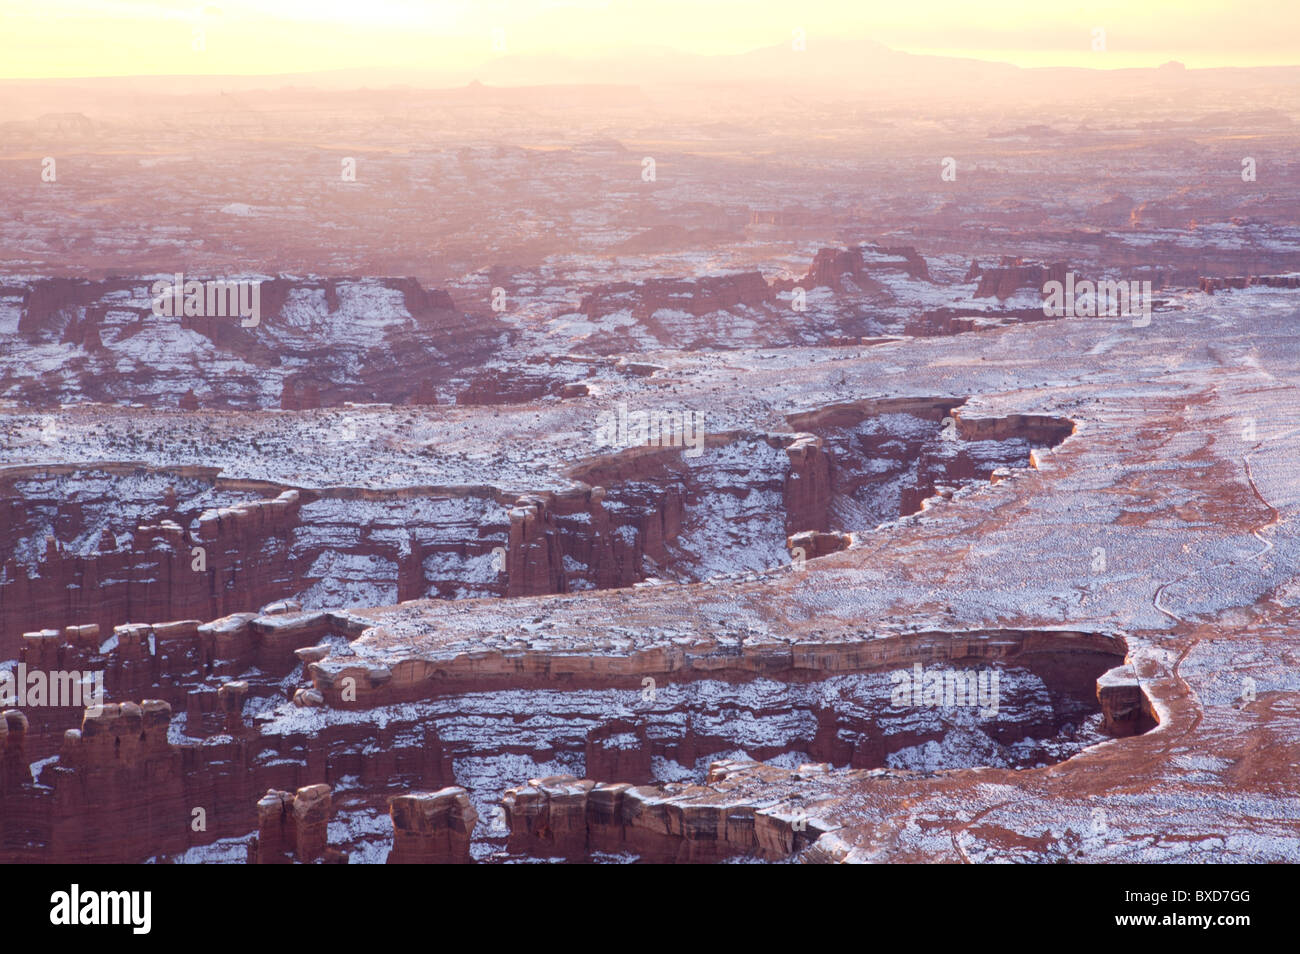 Amanecer en el Parque Nacional Canyonlands, en Utah Imagen De Stock